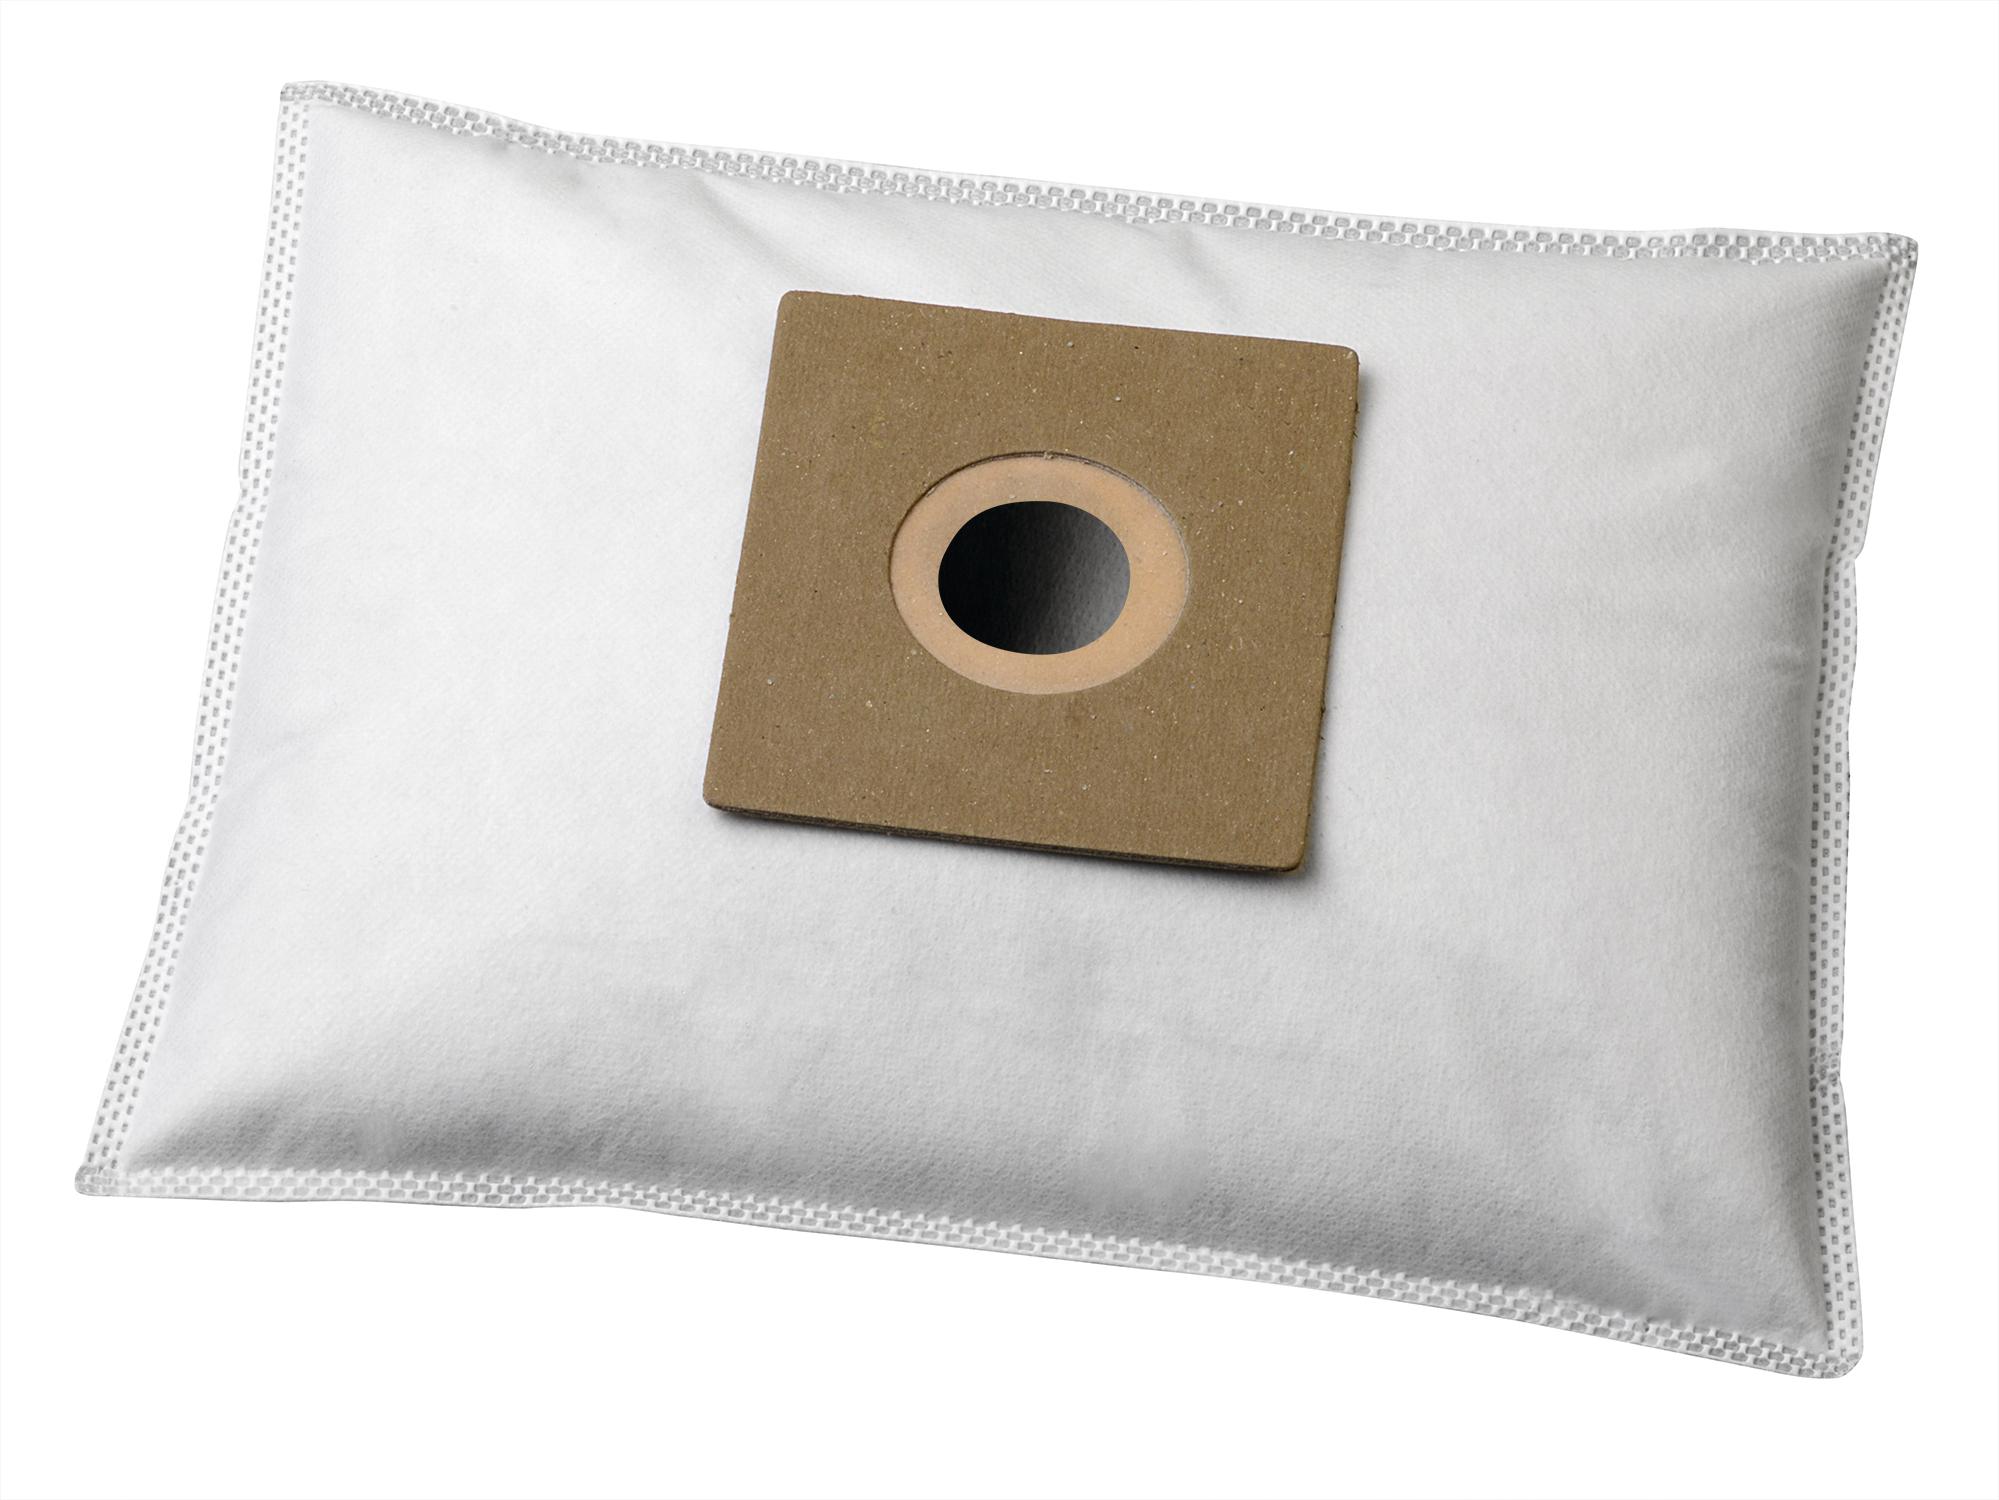 KOMA sáčky ETA Jolly 1455 textilní 5 ks + 1 mikrofiltr Balení: Balení v PET sáčku